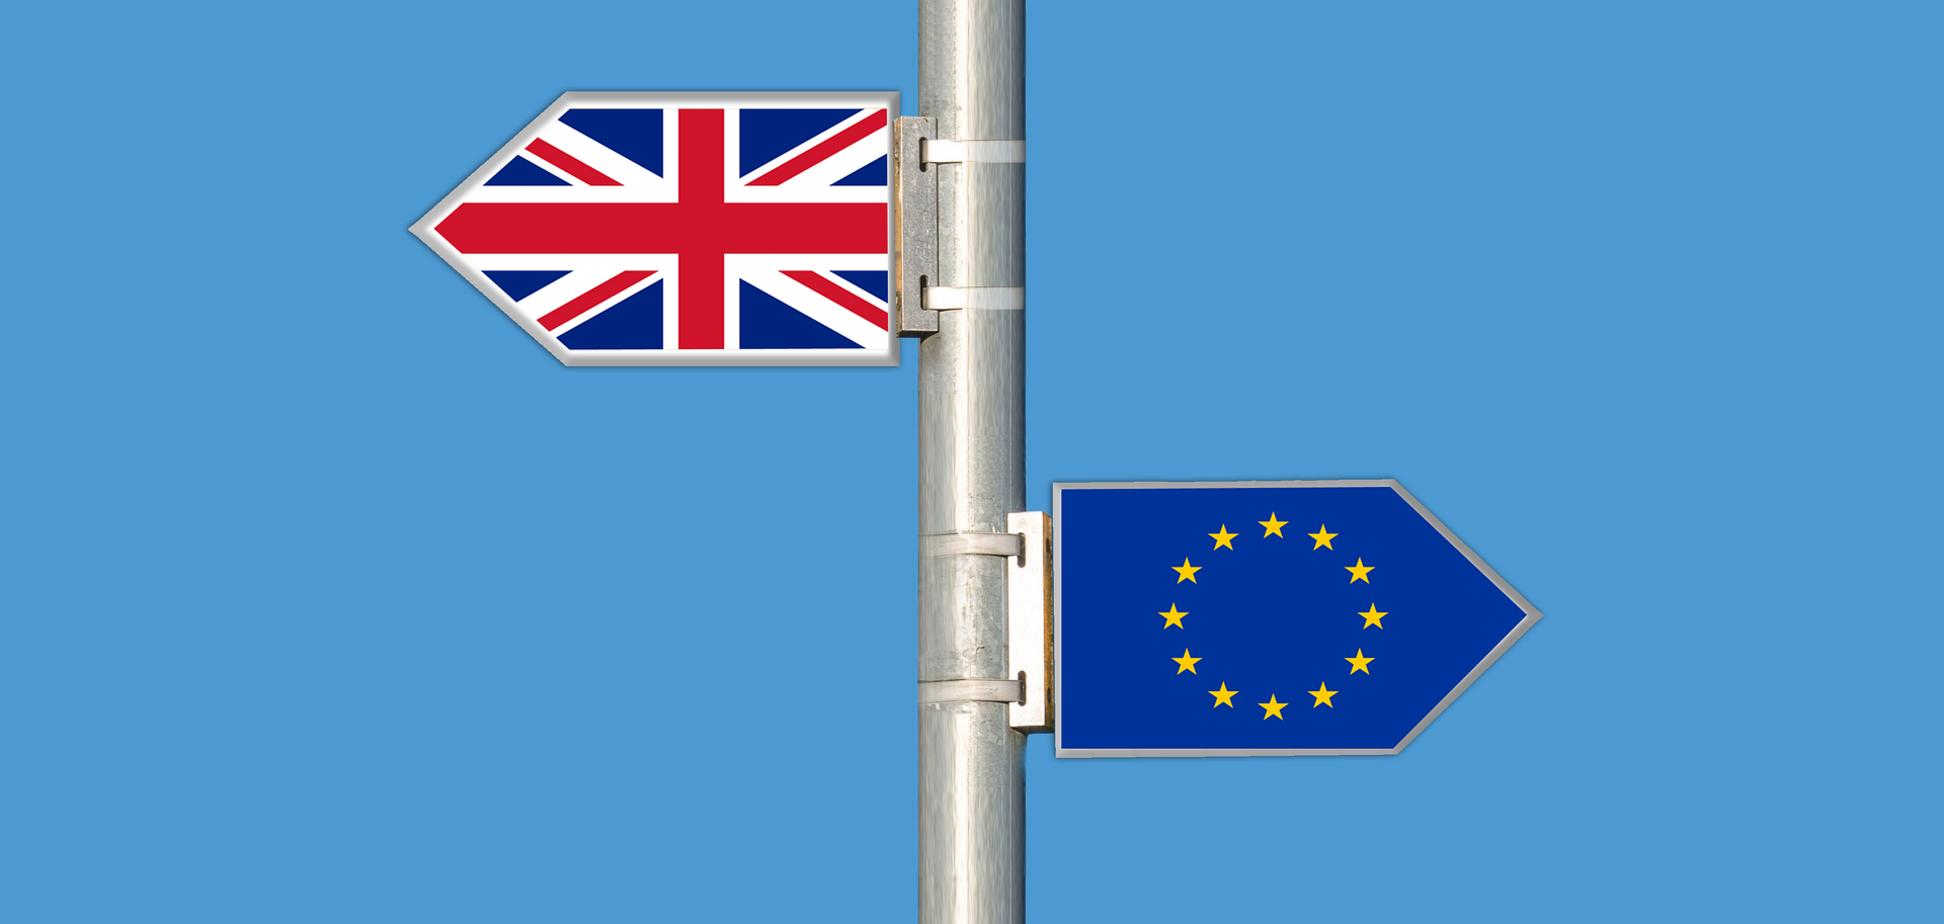 Великобританія заплатить за вихід з Євросоюзу 43,8 мільярда євро